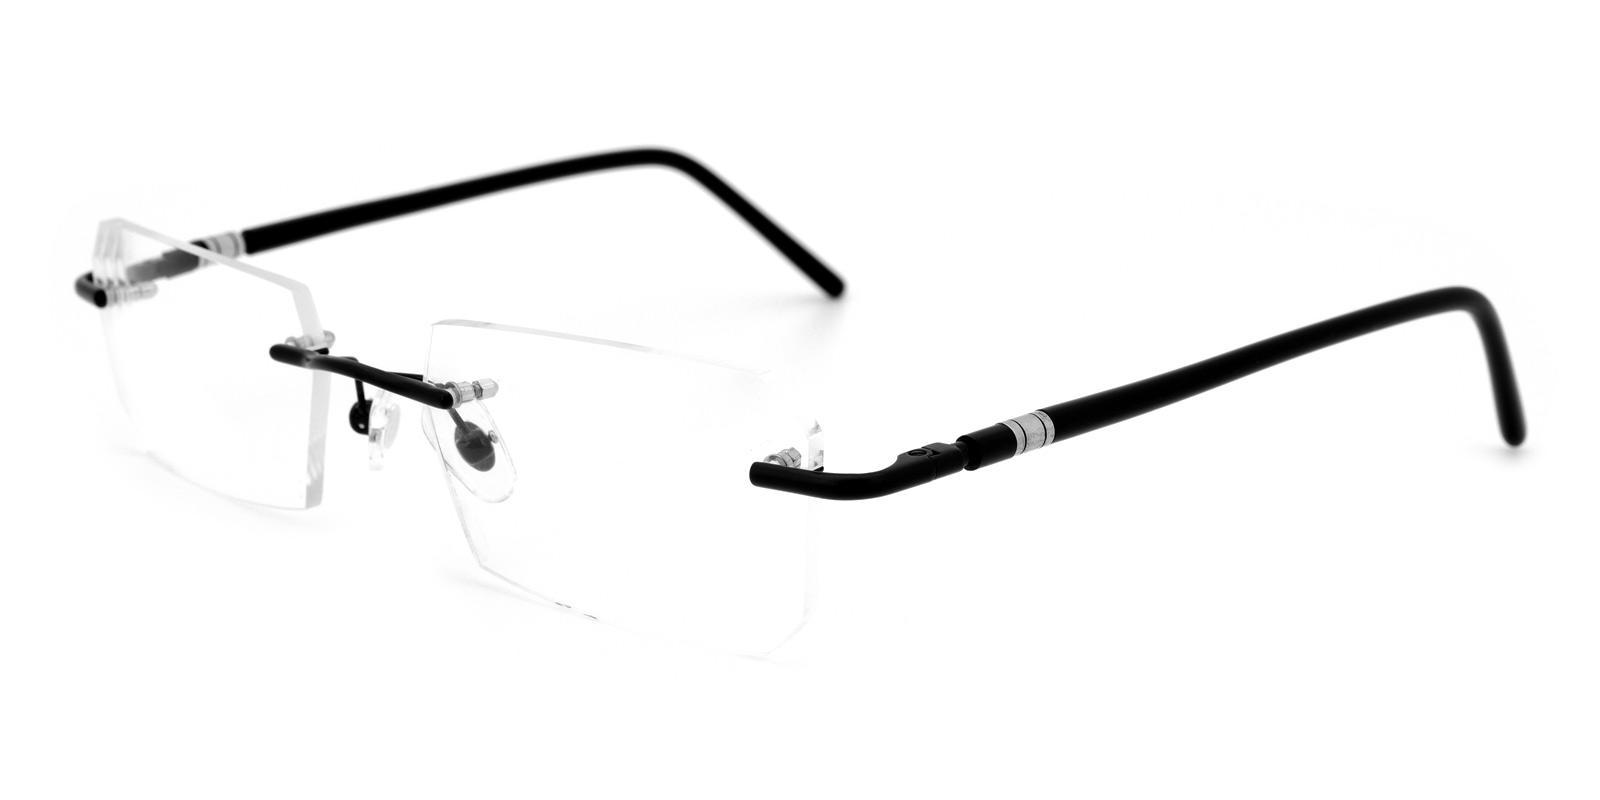 Thomas-Black-Varieties-Titanium-Eyeglasses-additional1